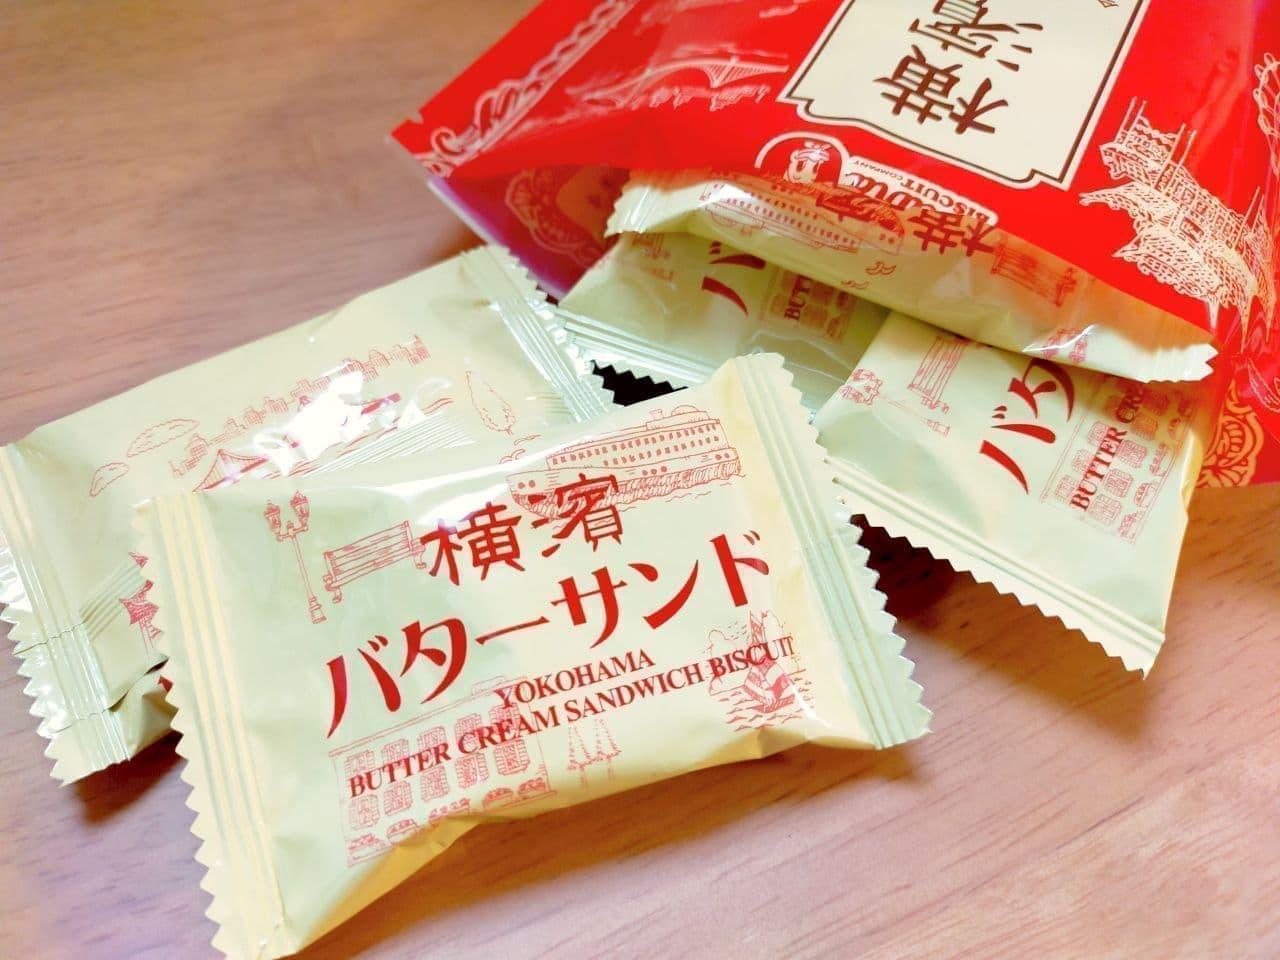 横浜 バター サンド THE MASTER